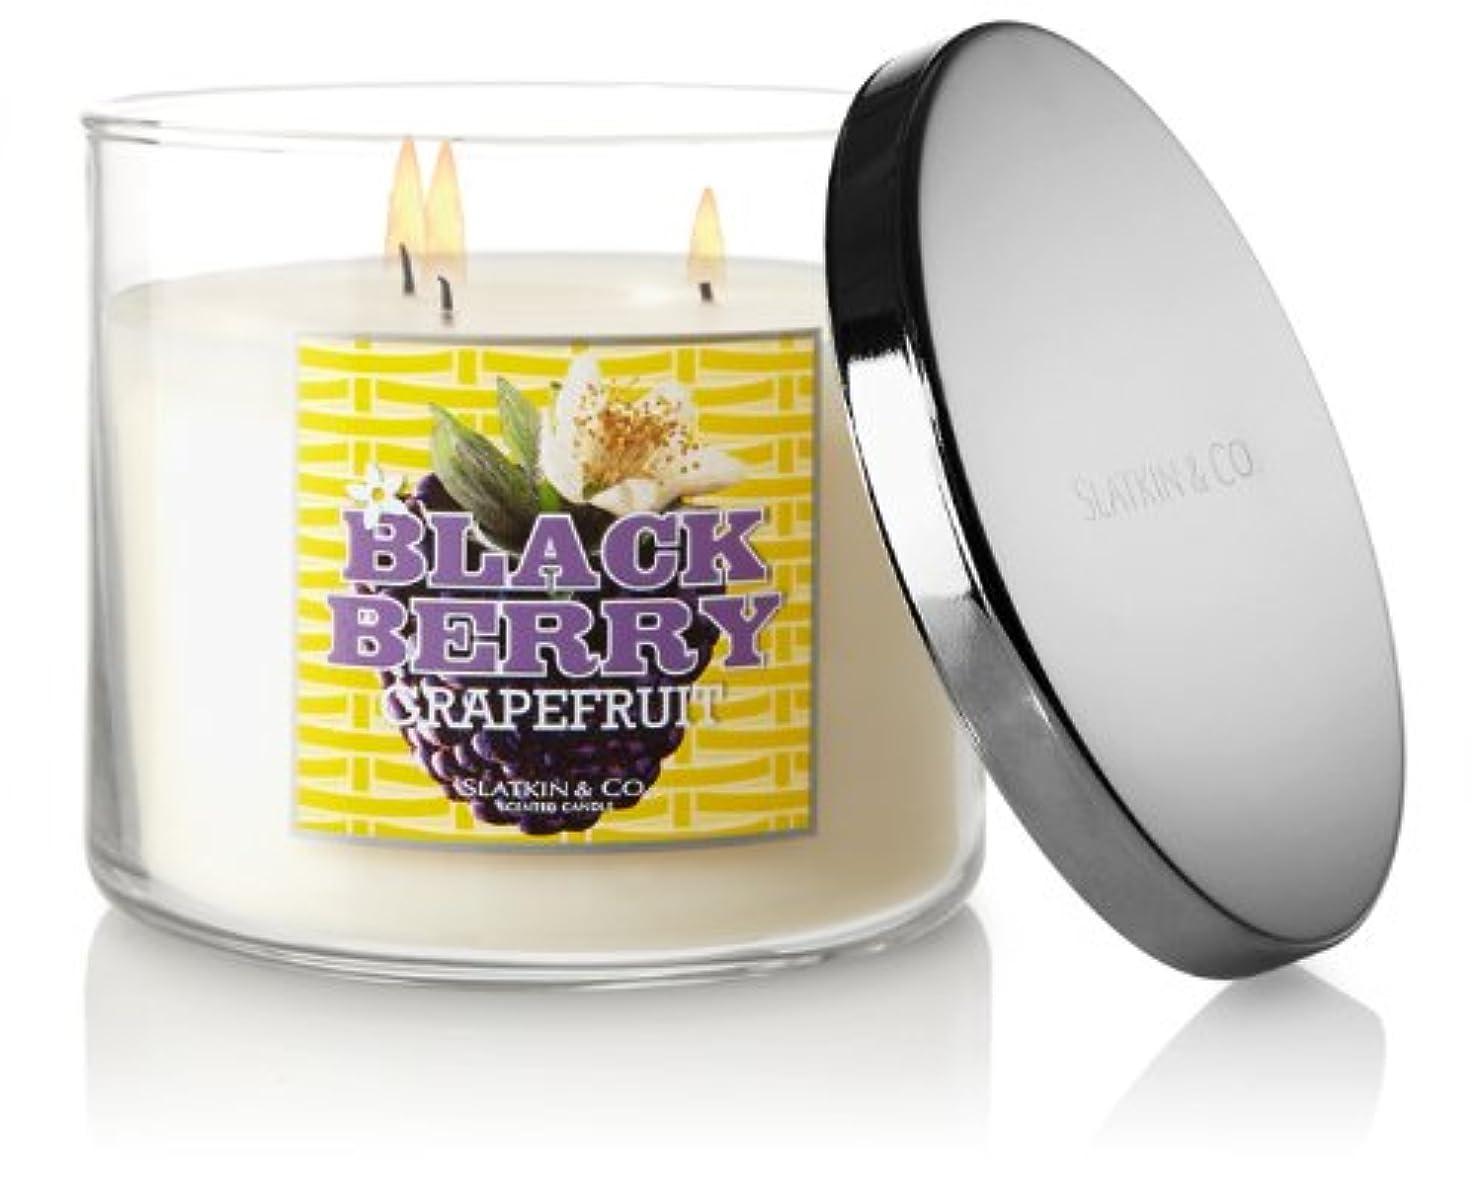 急速な有害光景Slatkin and Co。Blackberryグレープフルーツ3つWick 14.5オンスScented Candle – Bath & Body Works